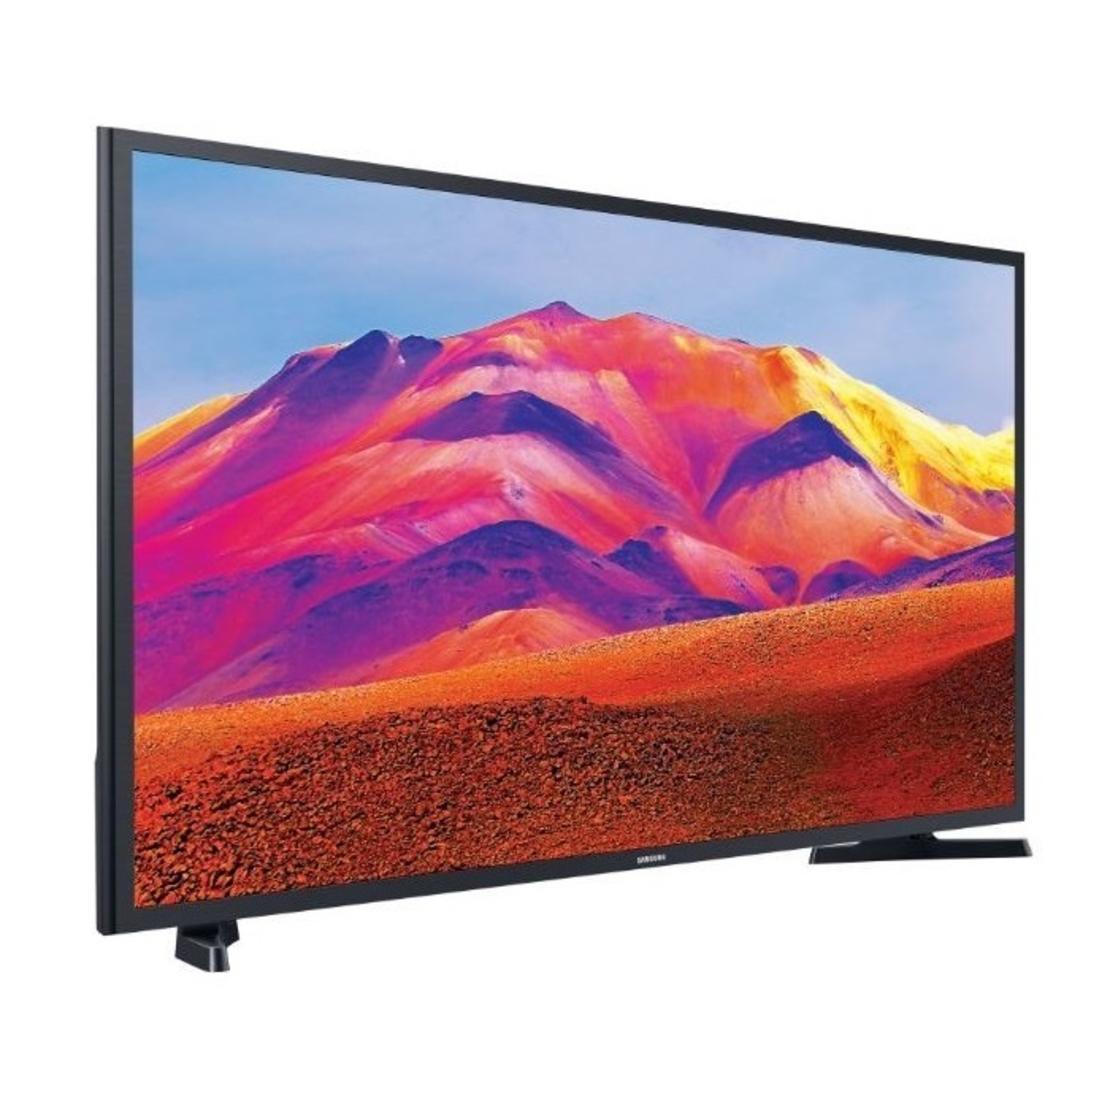 טלוויזיה סמסונג Samsung UE32T5300 HD Ready 32 אינטש